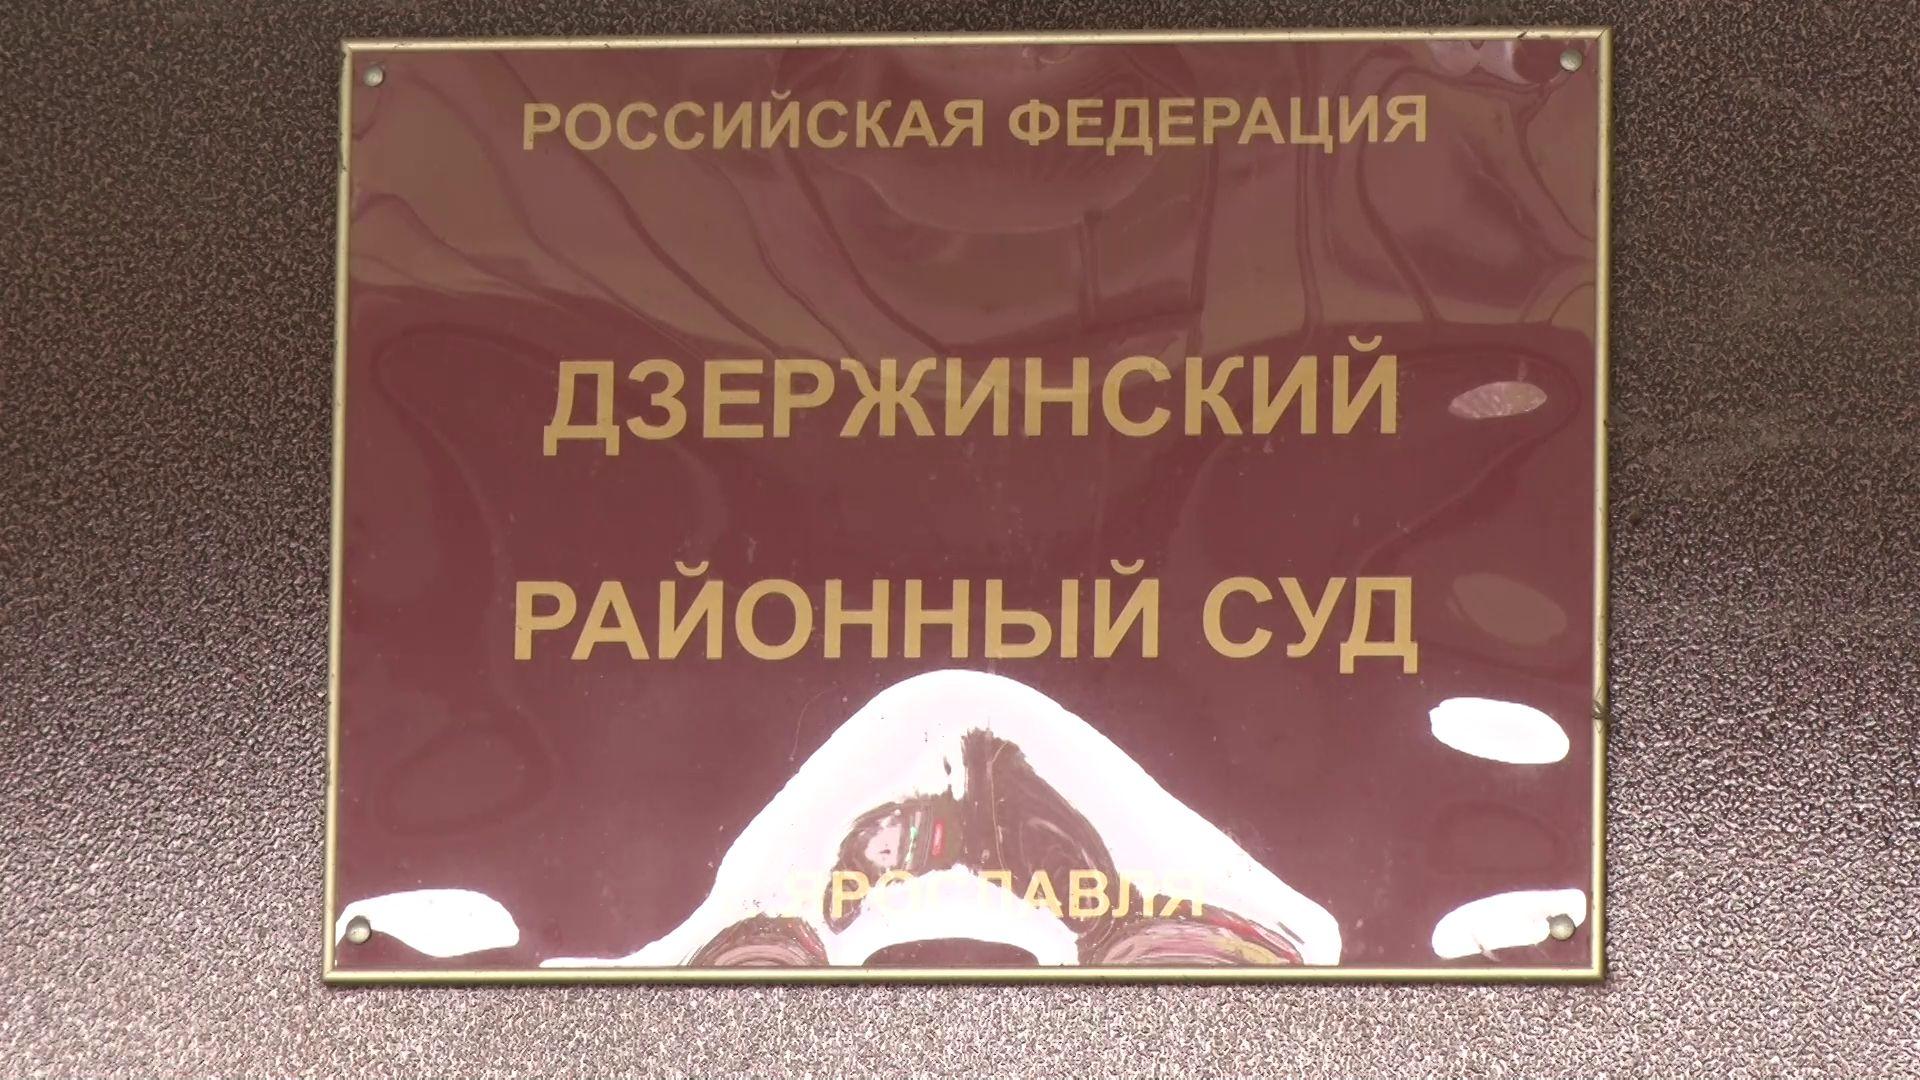 В Дзержинском районе началось рассмотрение уголовного дела об организации незаконной миграции